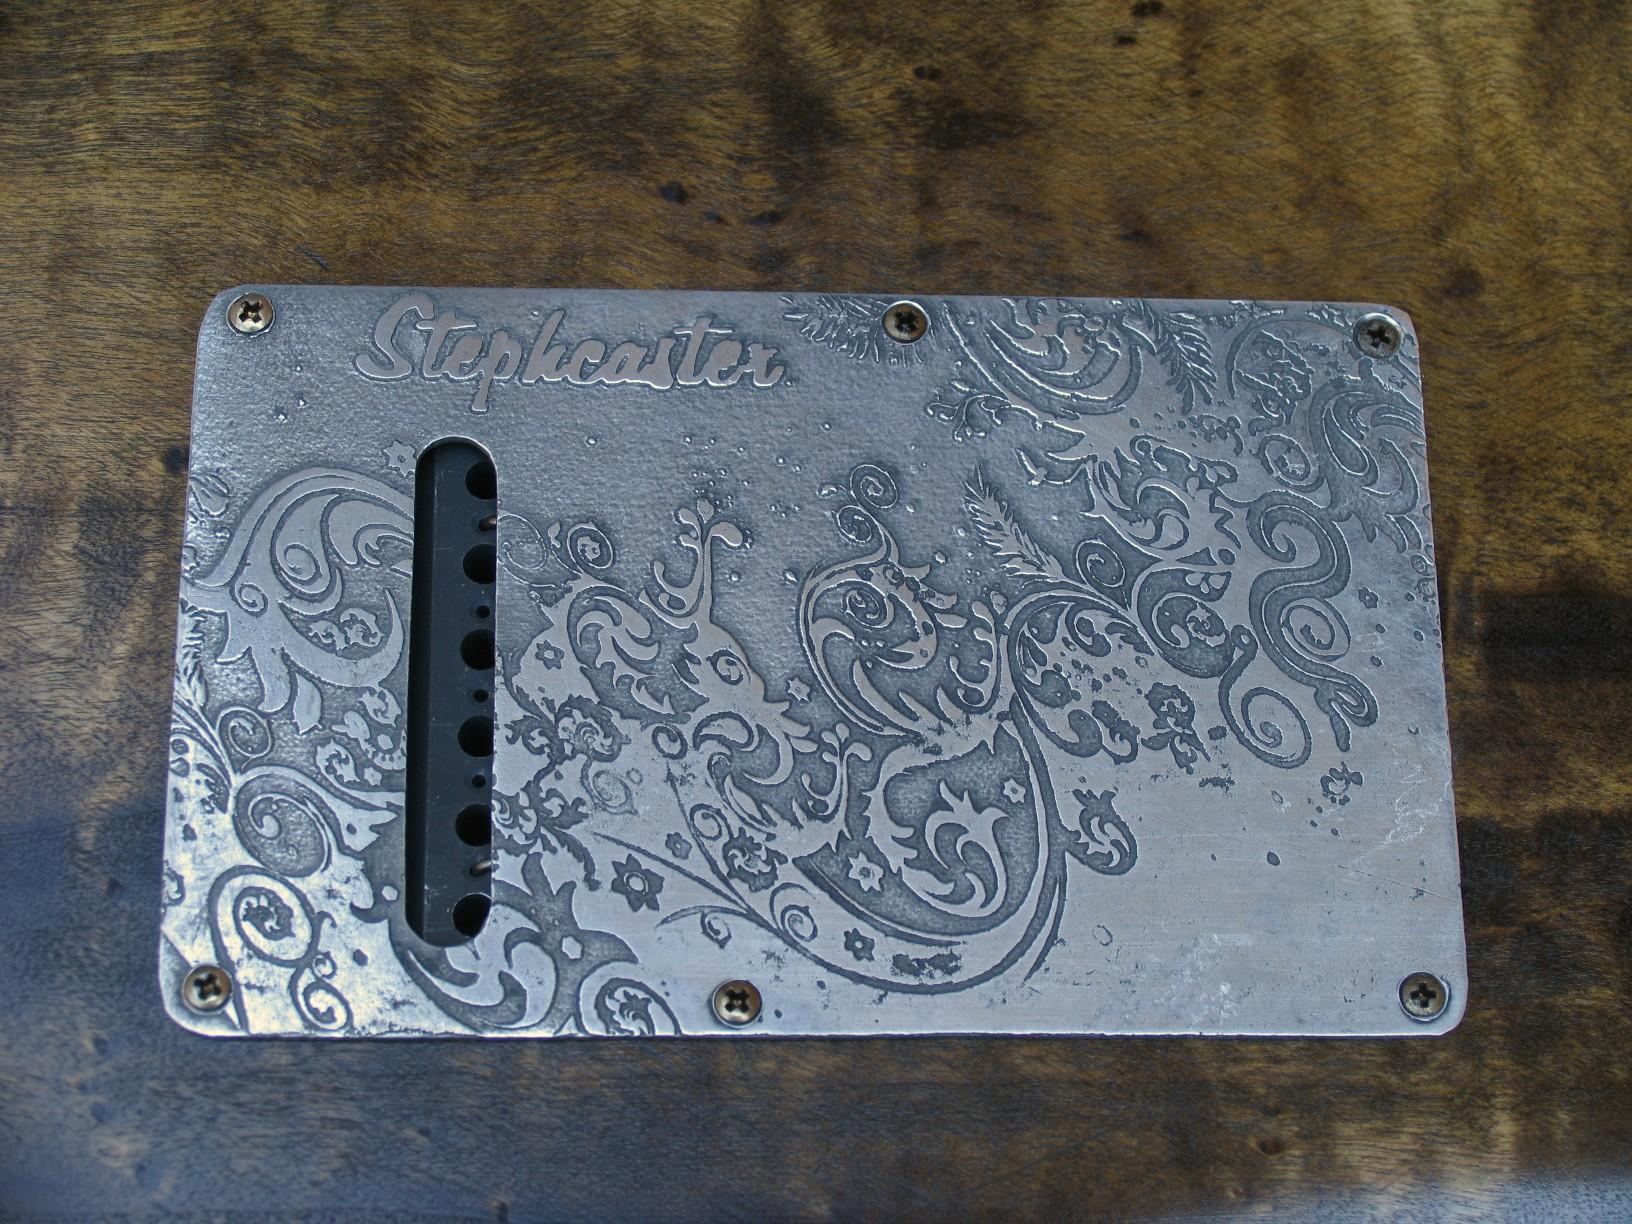 Dettaglio del retro del body in pioppo di una Stratocaster